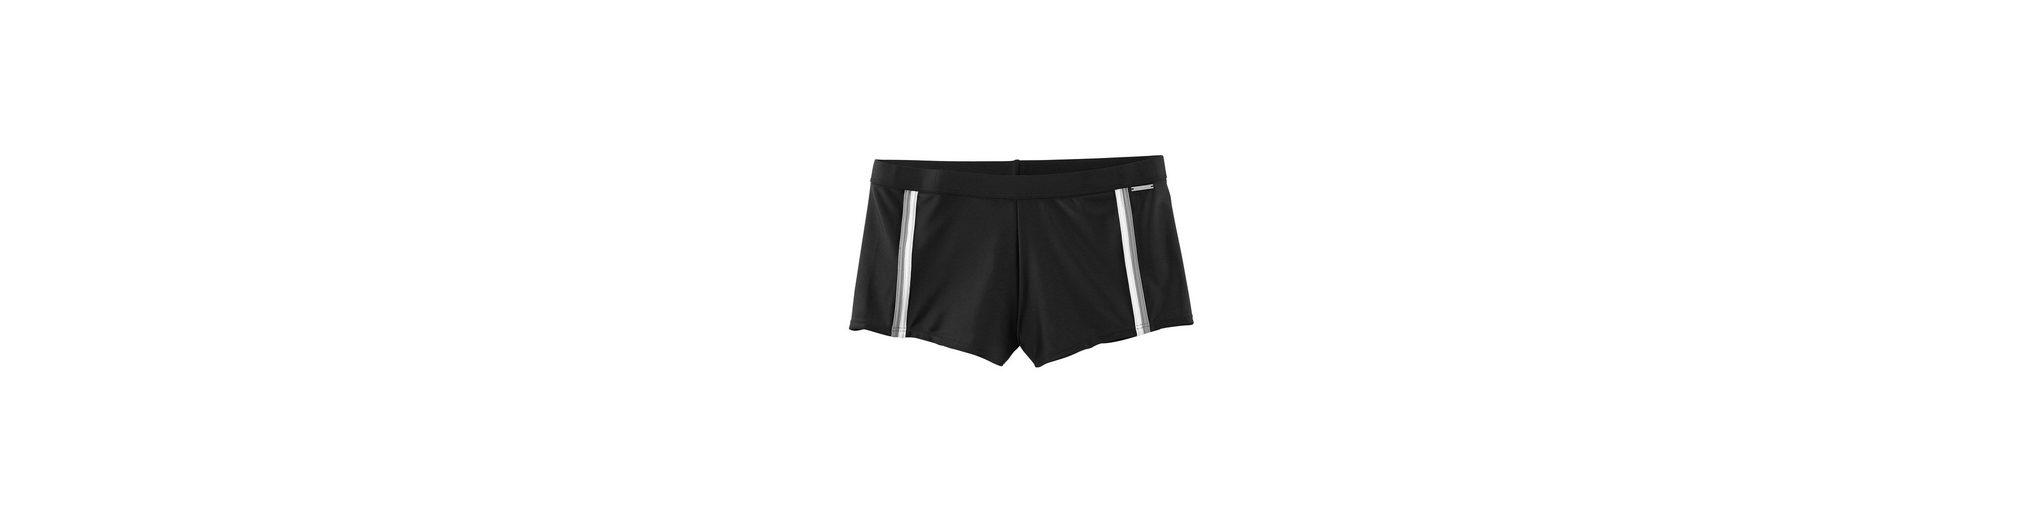 Chiemsee Boxer Boxer mit modischen Kontrastpaspelierungen modischen Badehose Badehose mit Chiemsee qtwwx41I